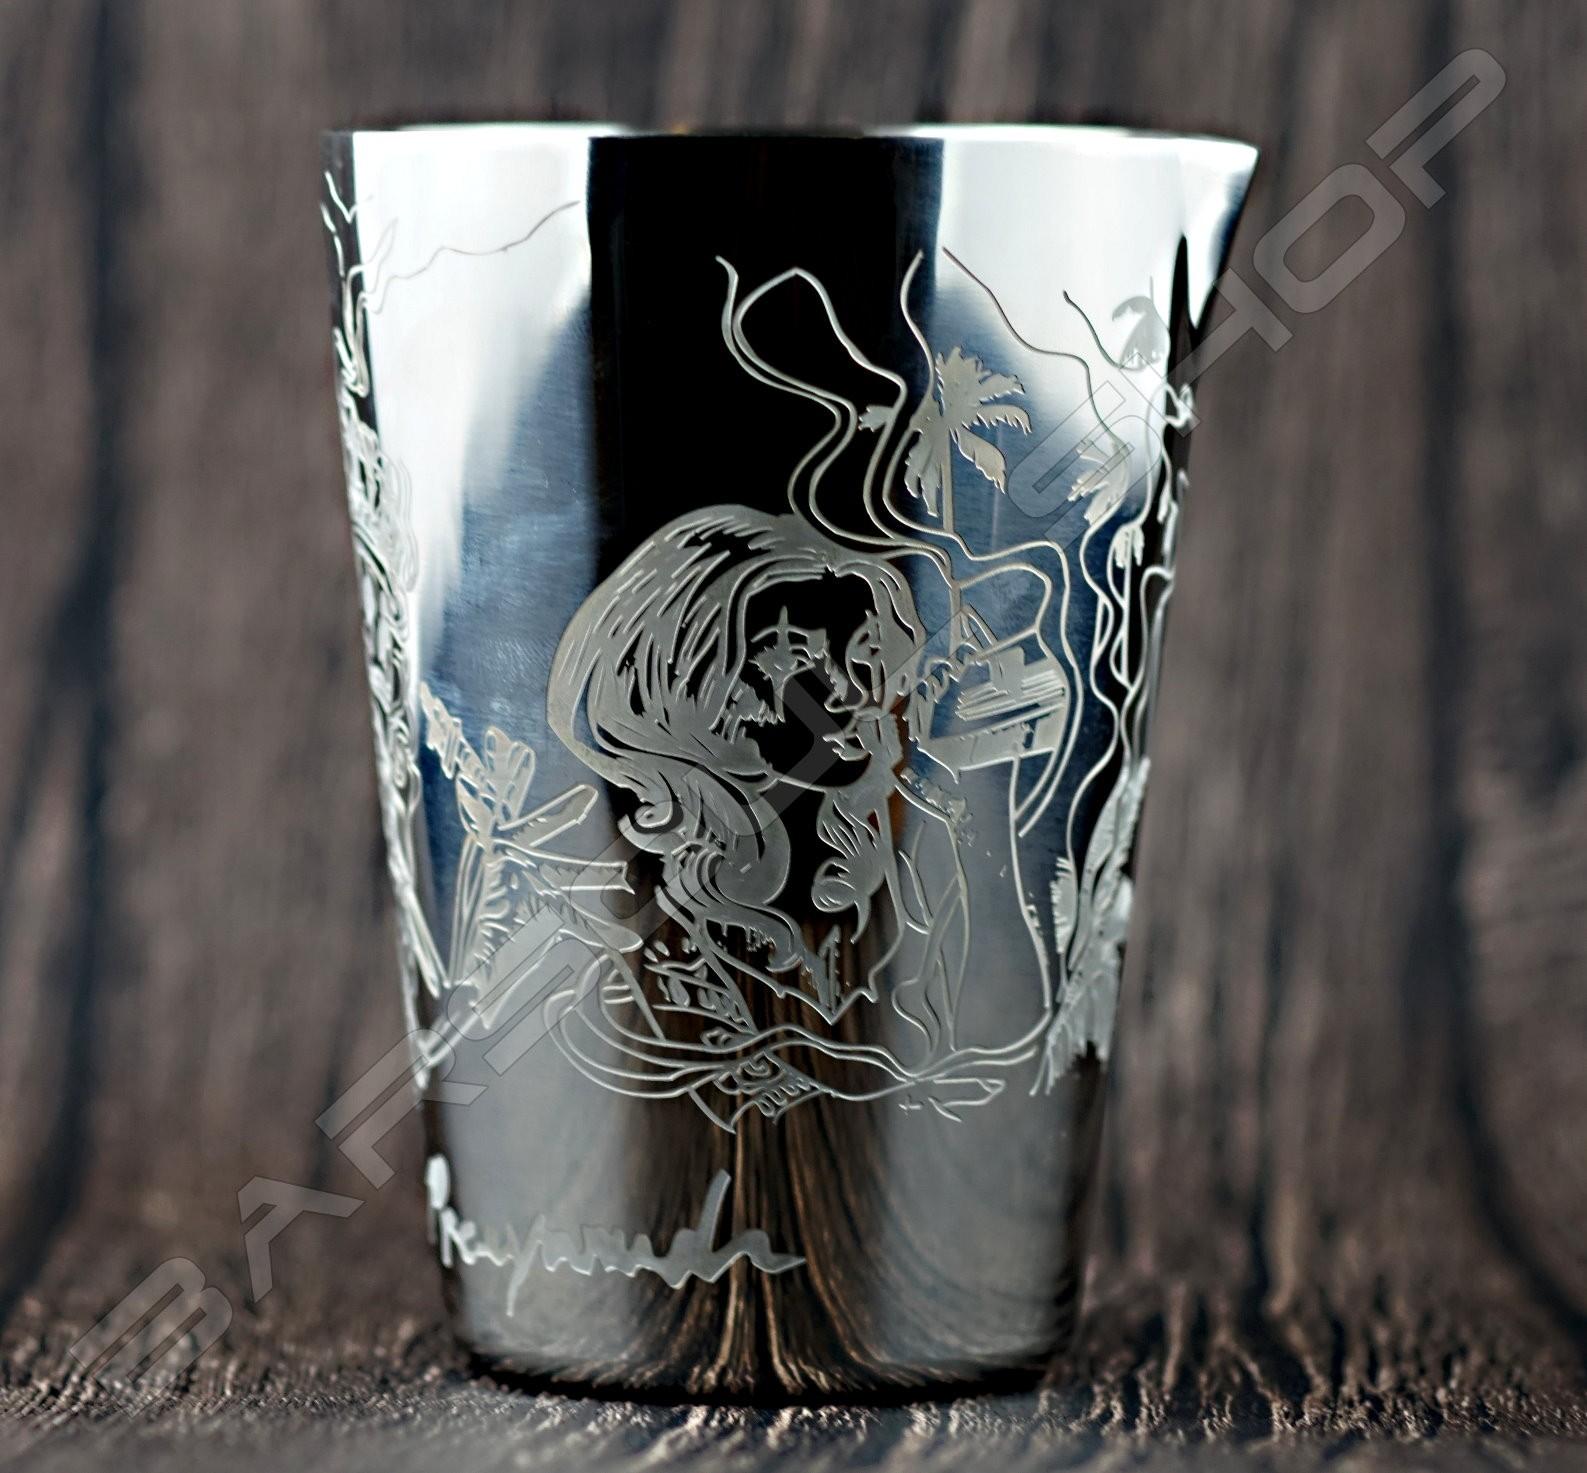 雕刻金屬攪拌杯(亮銀)500ml Engraved  mixing cup(silver)